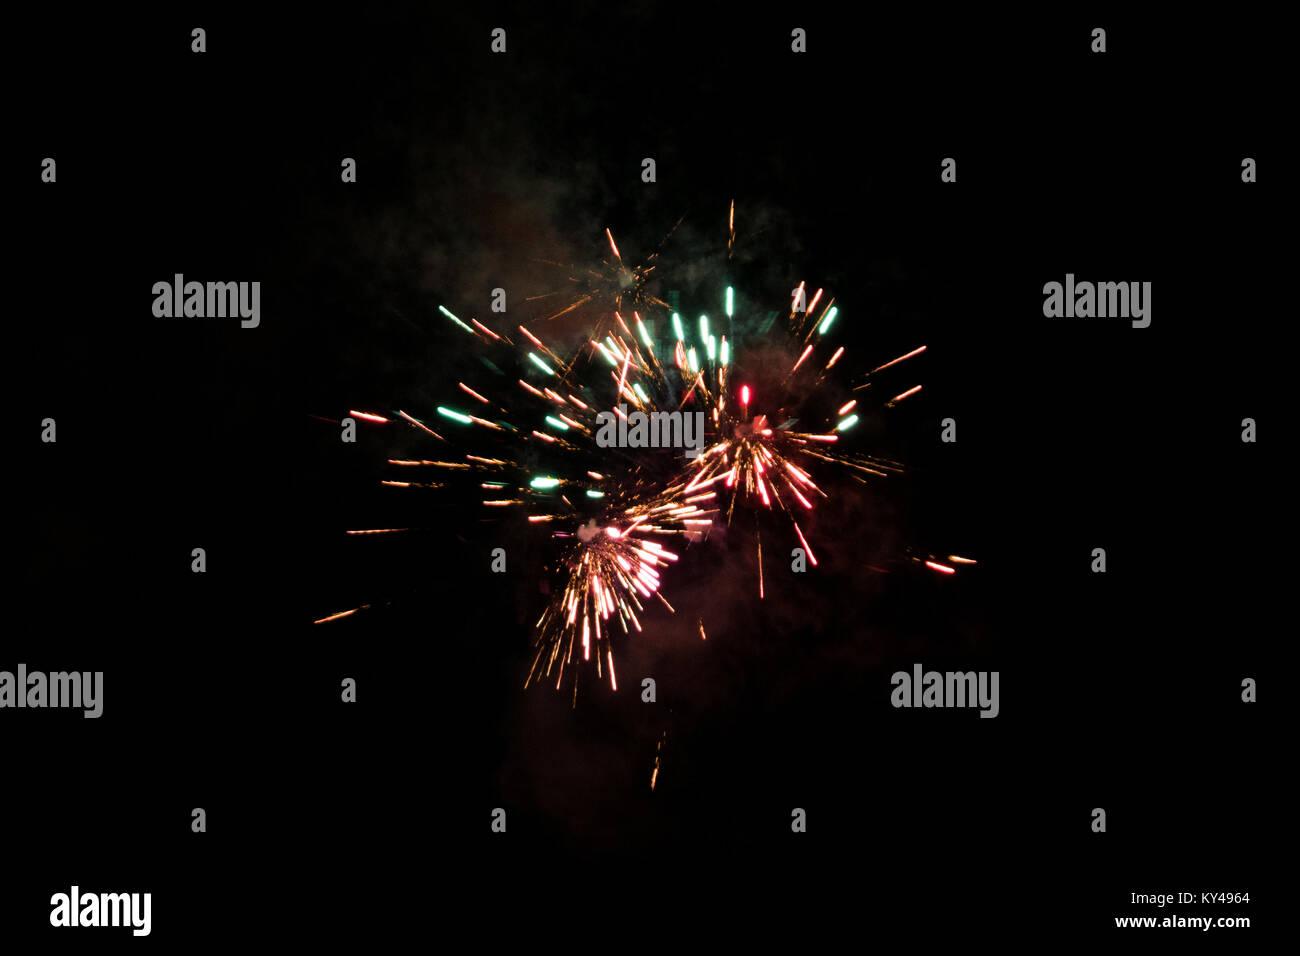 Fireworks, New Year 2017/2018, Denmark - Stock Image